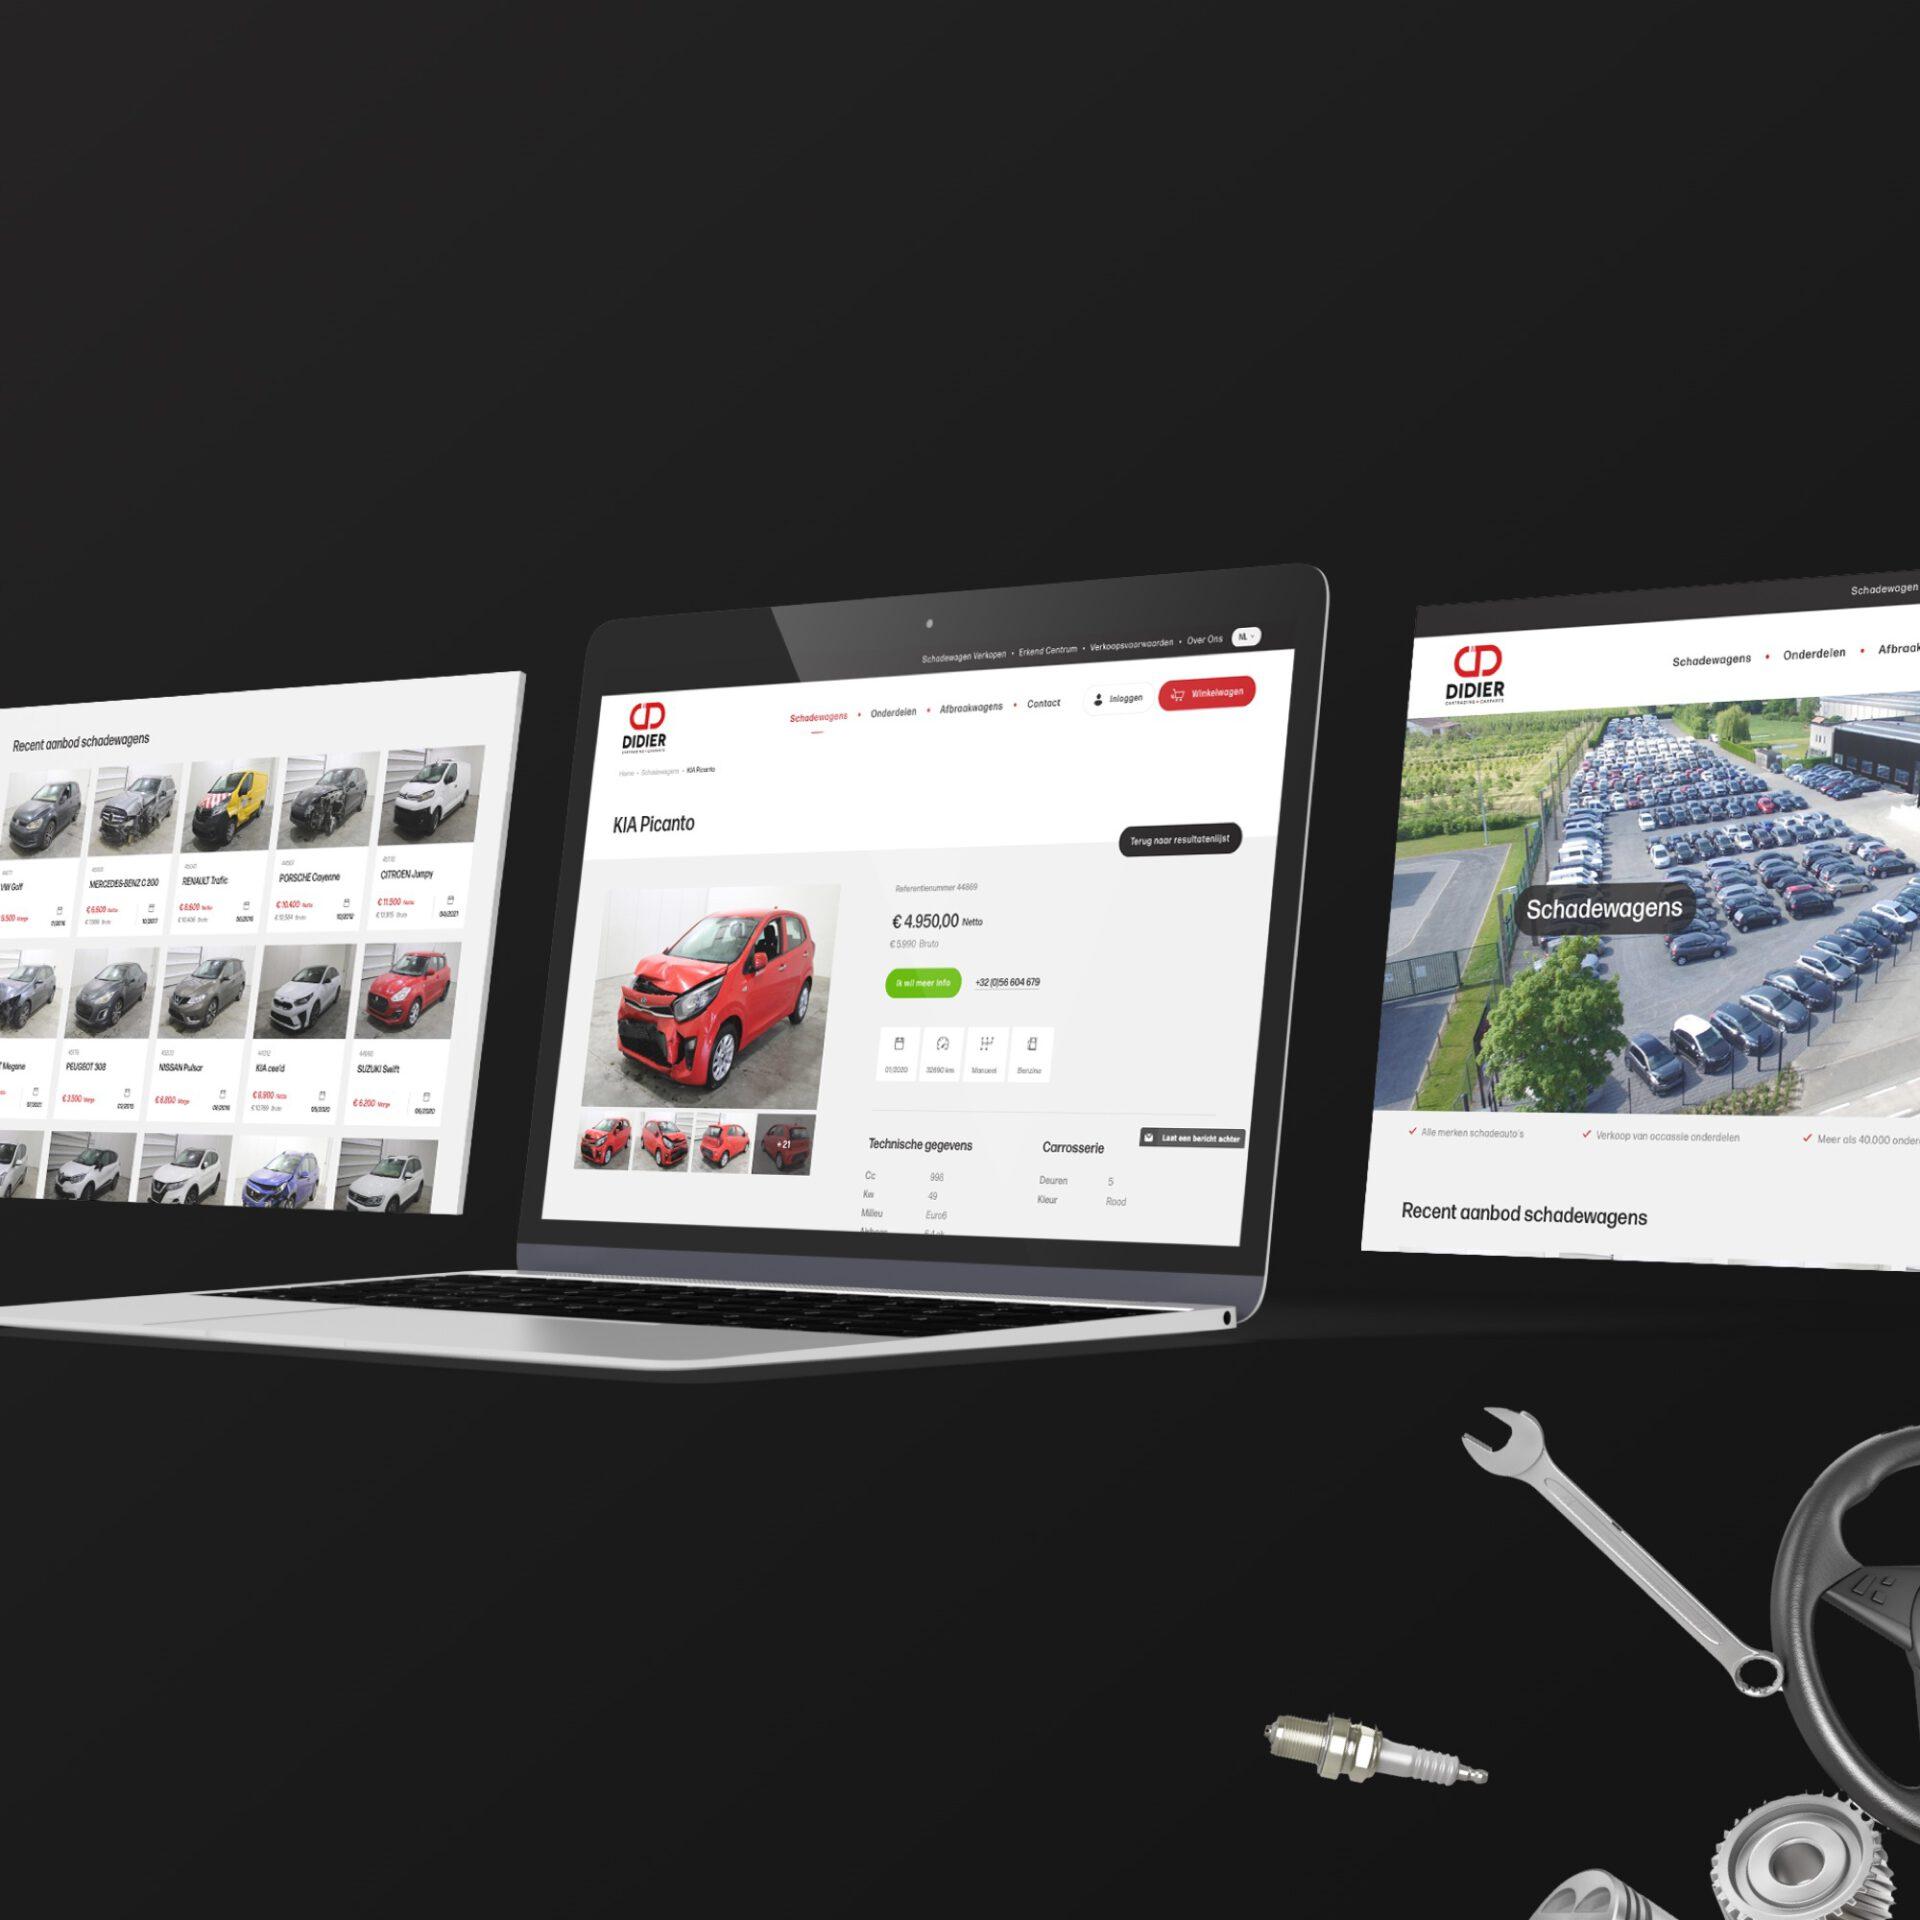 Dasmedia webshop ontwikkelen Didier headerbeeld